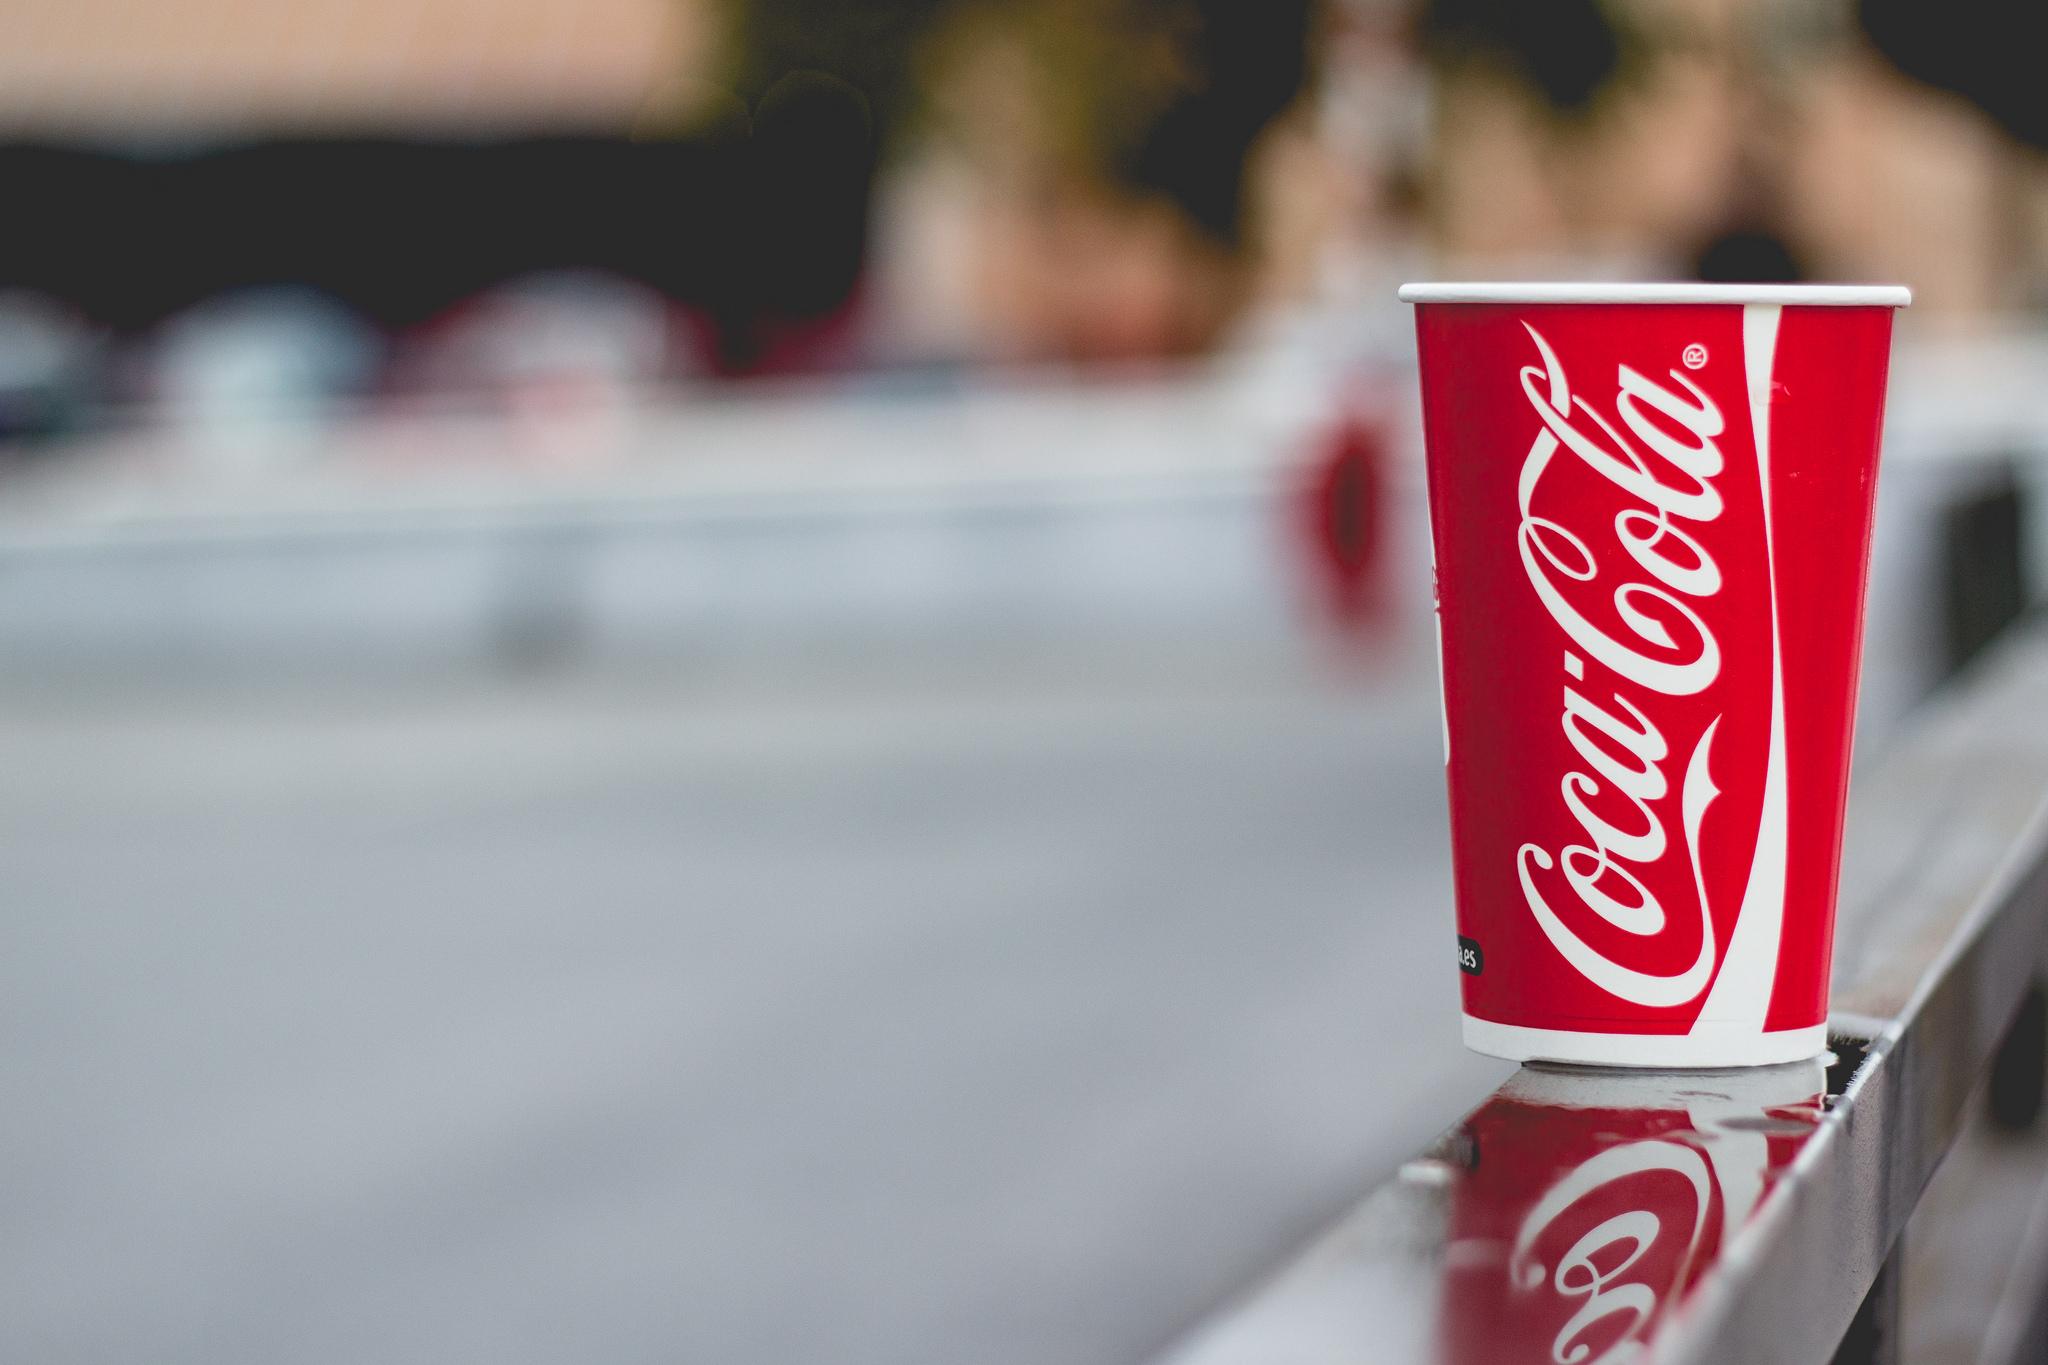 coca cola research paper